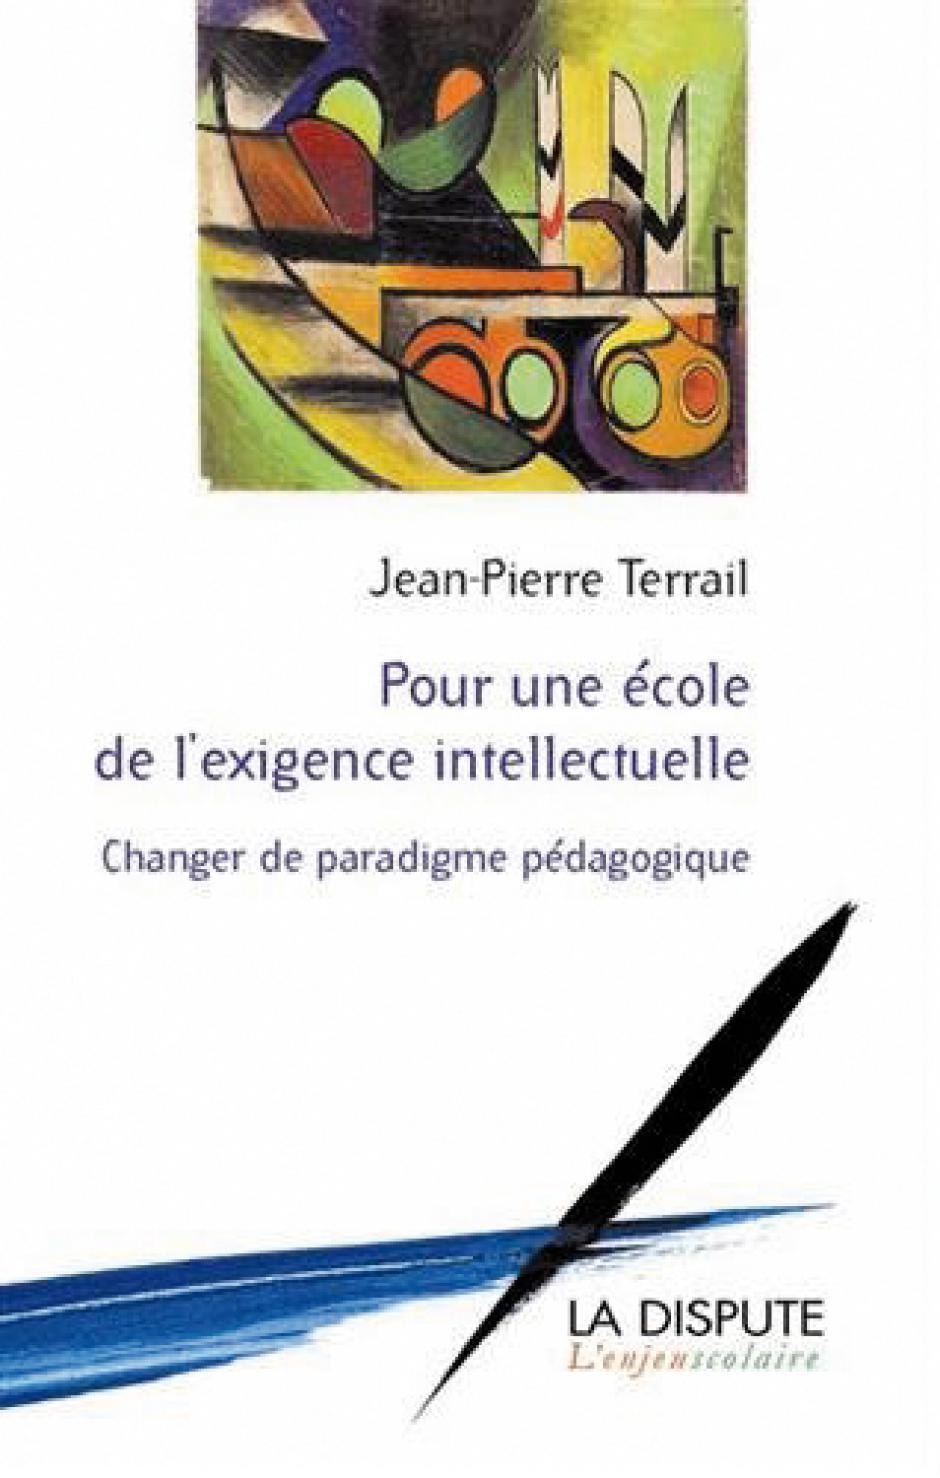 Pour une école de l'exigence intellectuelle  Changer de paradigme pédagogique, Jean-Pierre Terrail